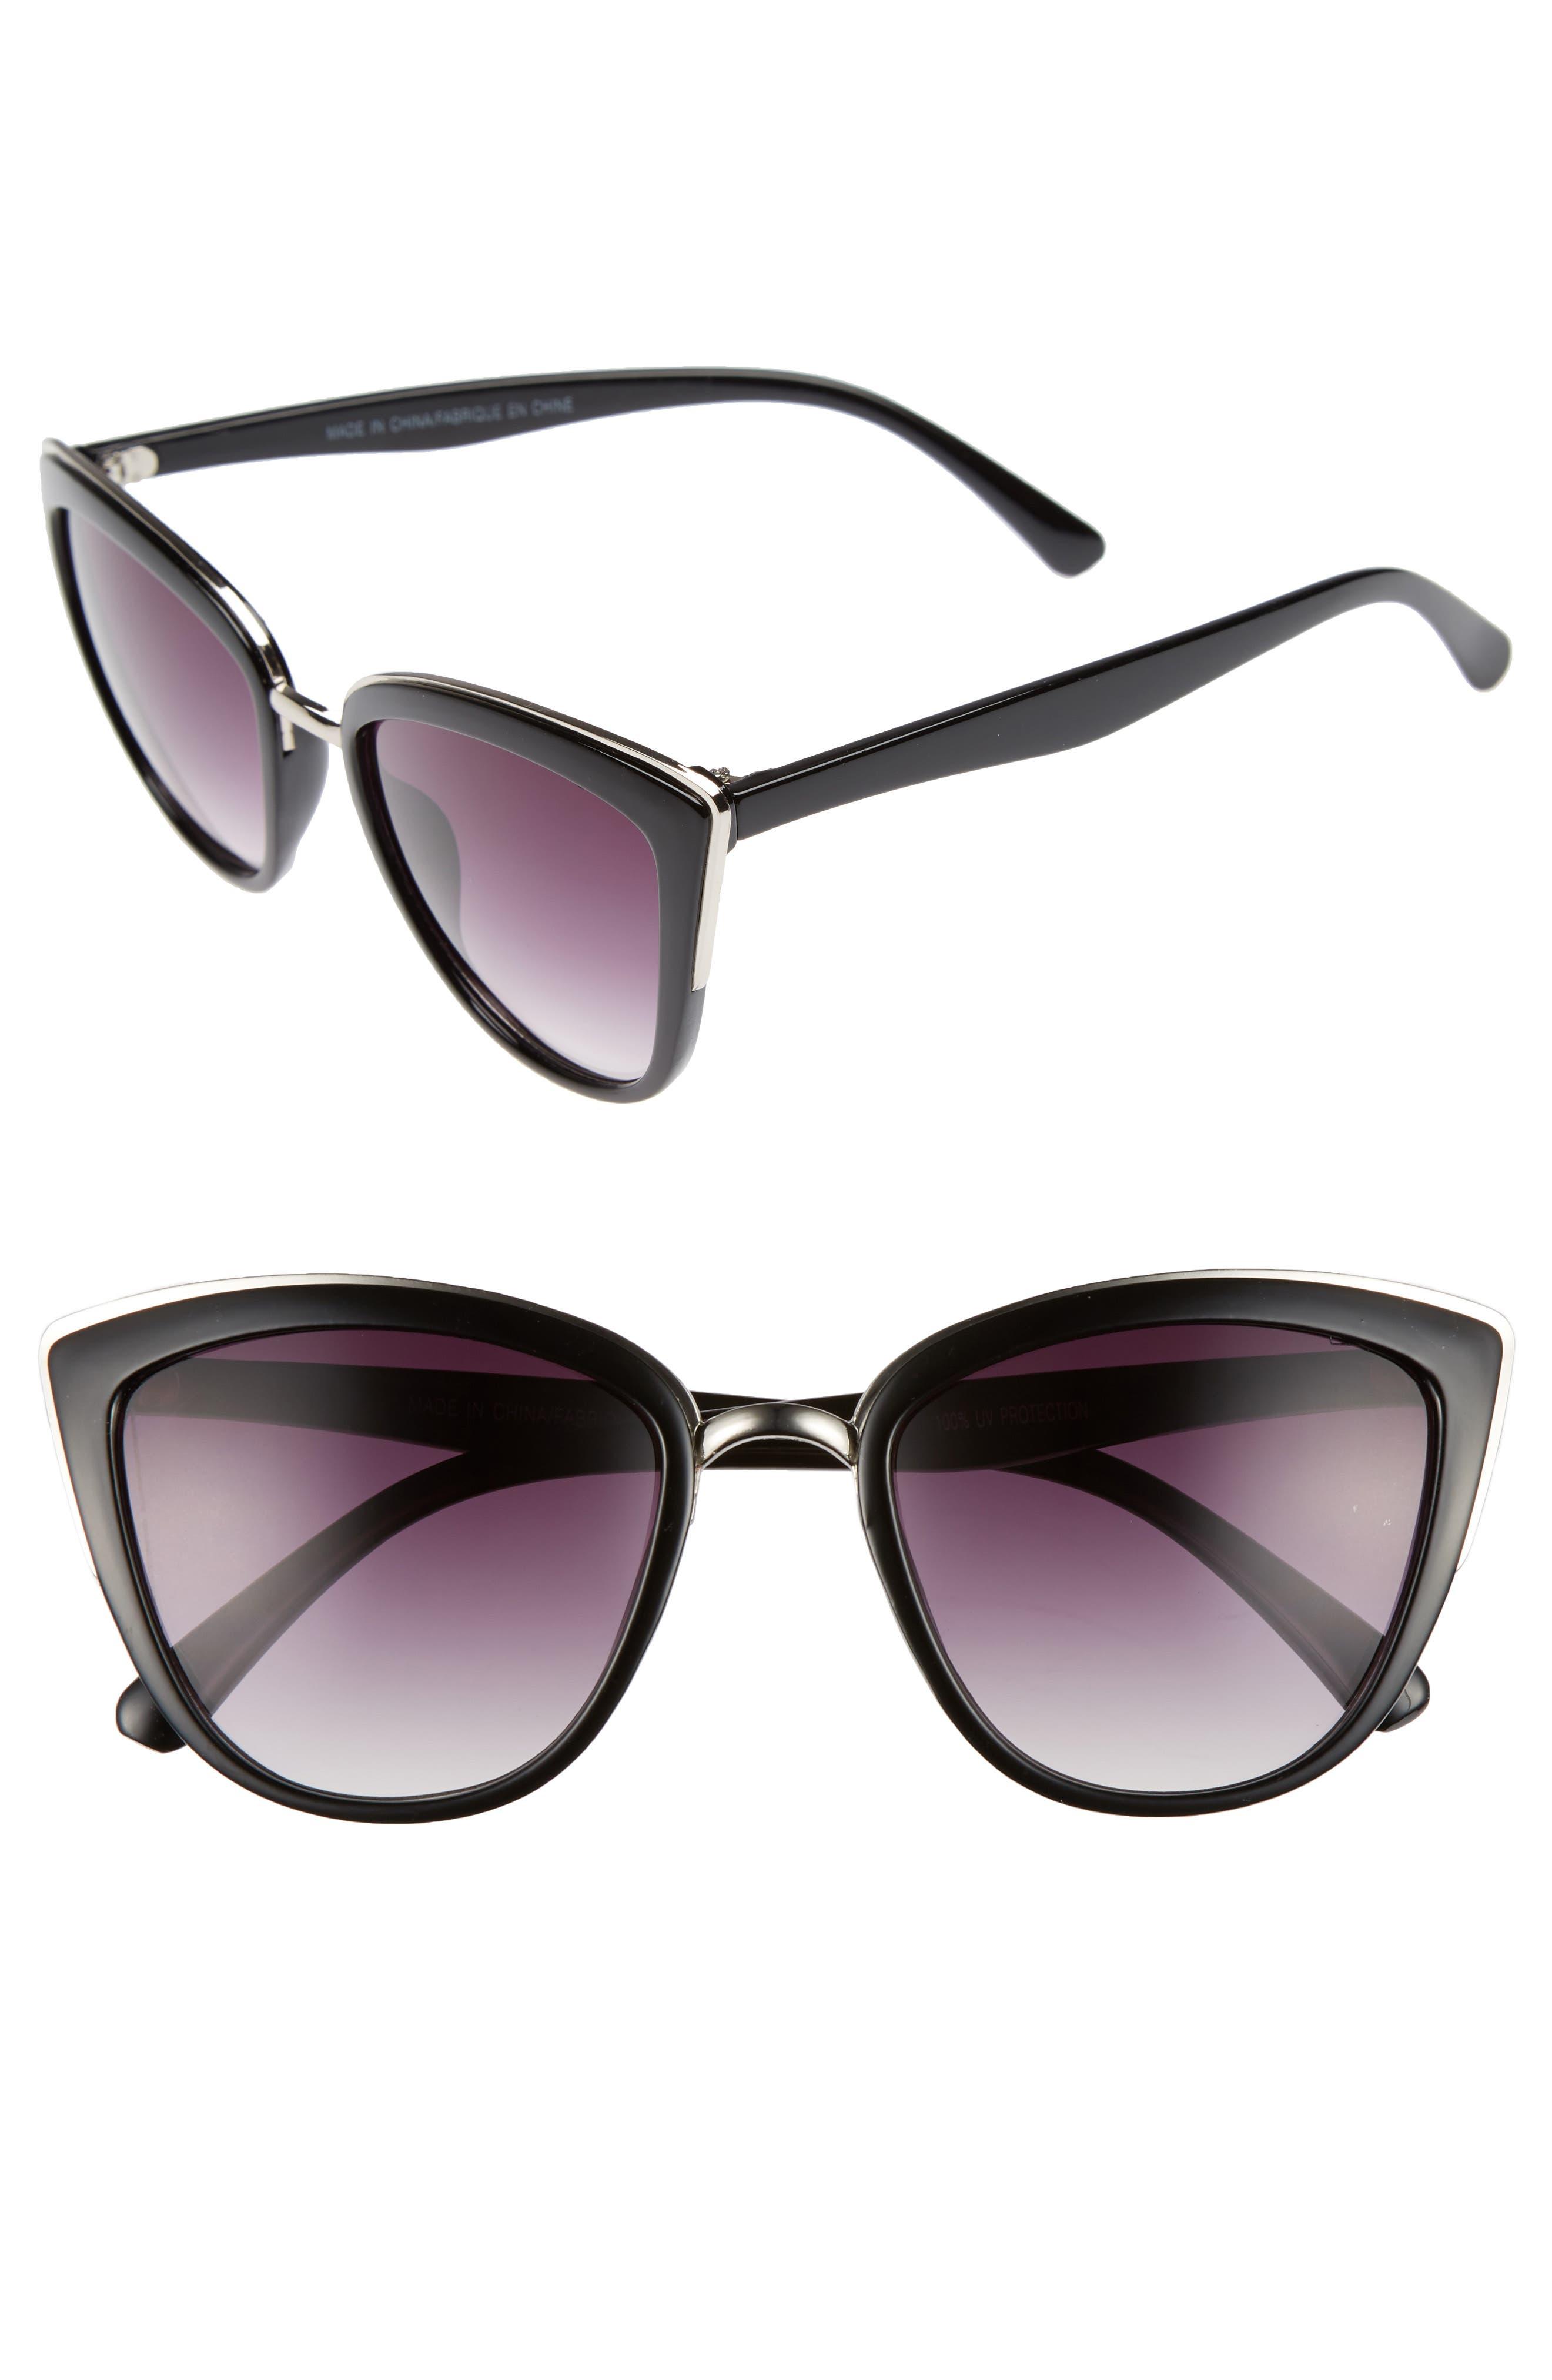 55mm Metal Rim Cat Eye Sunglasses,                         Main,                         color, Black